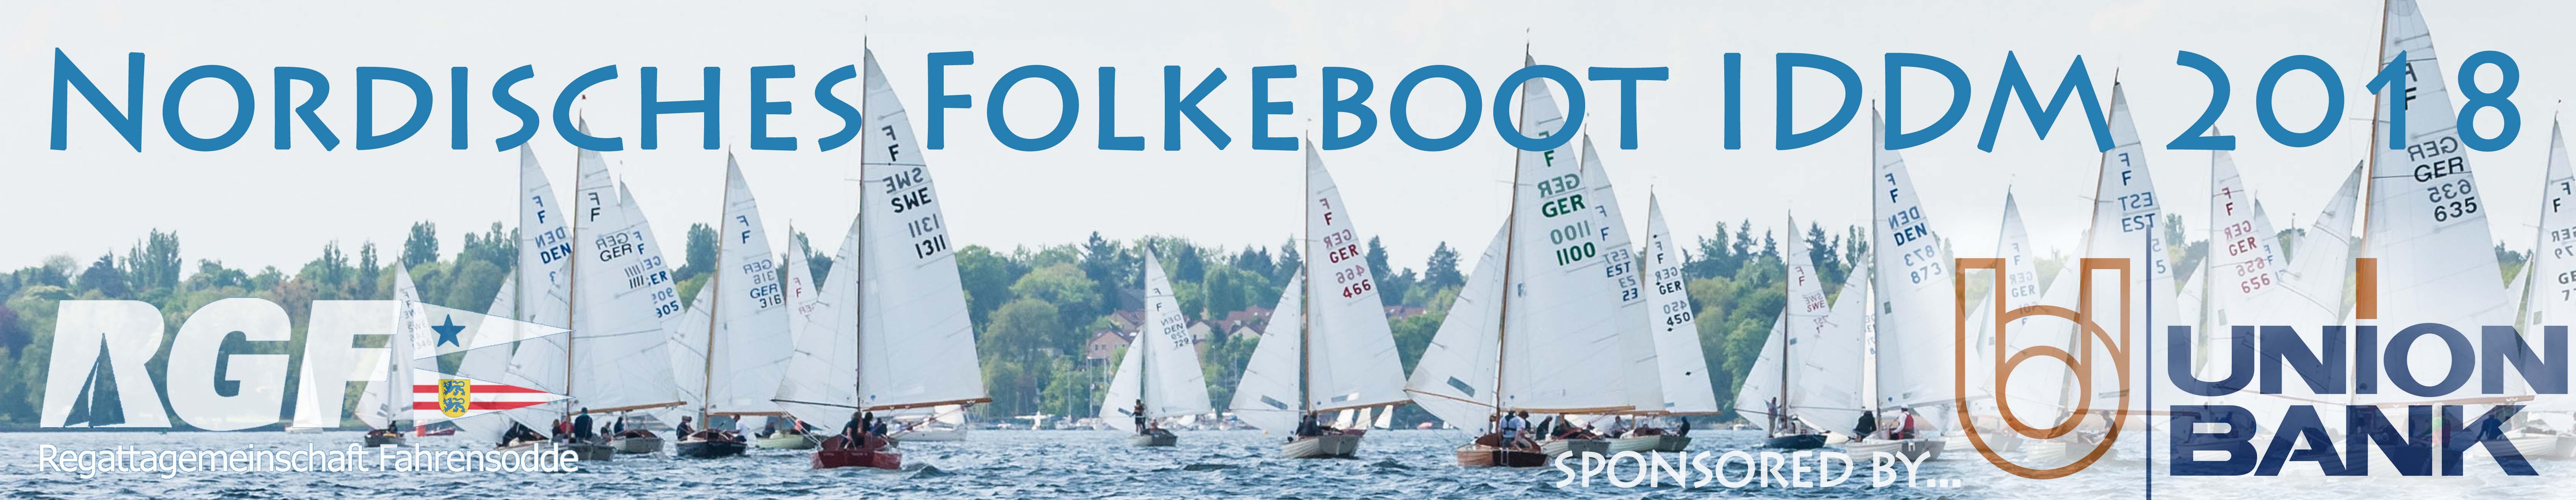 Folkeboot-IDDM